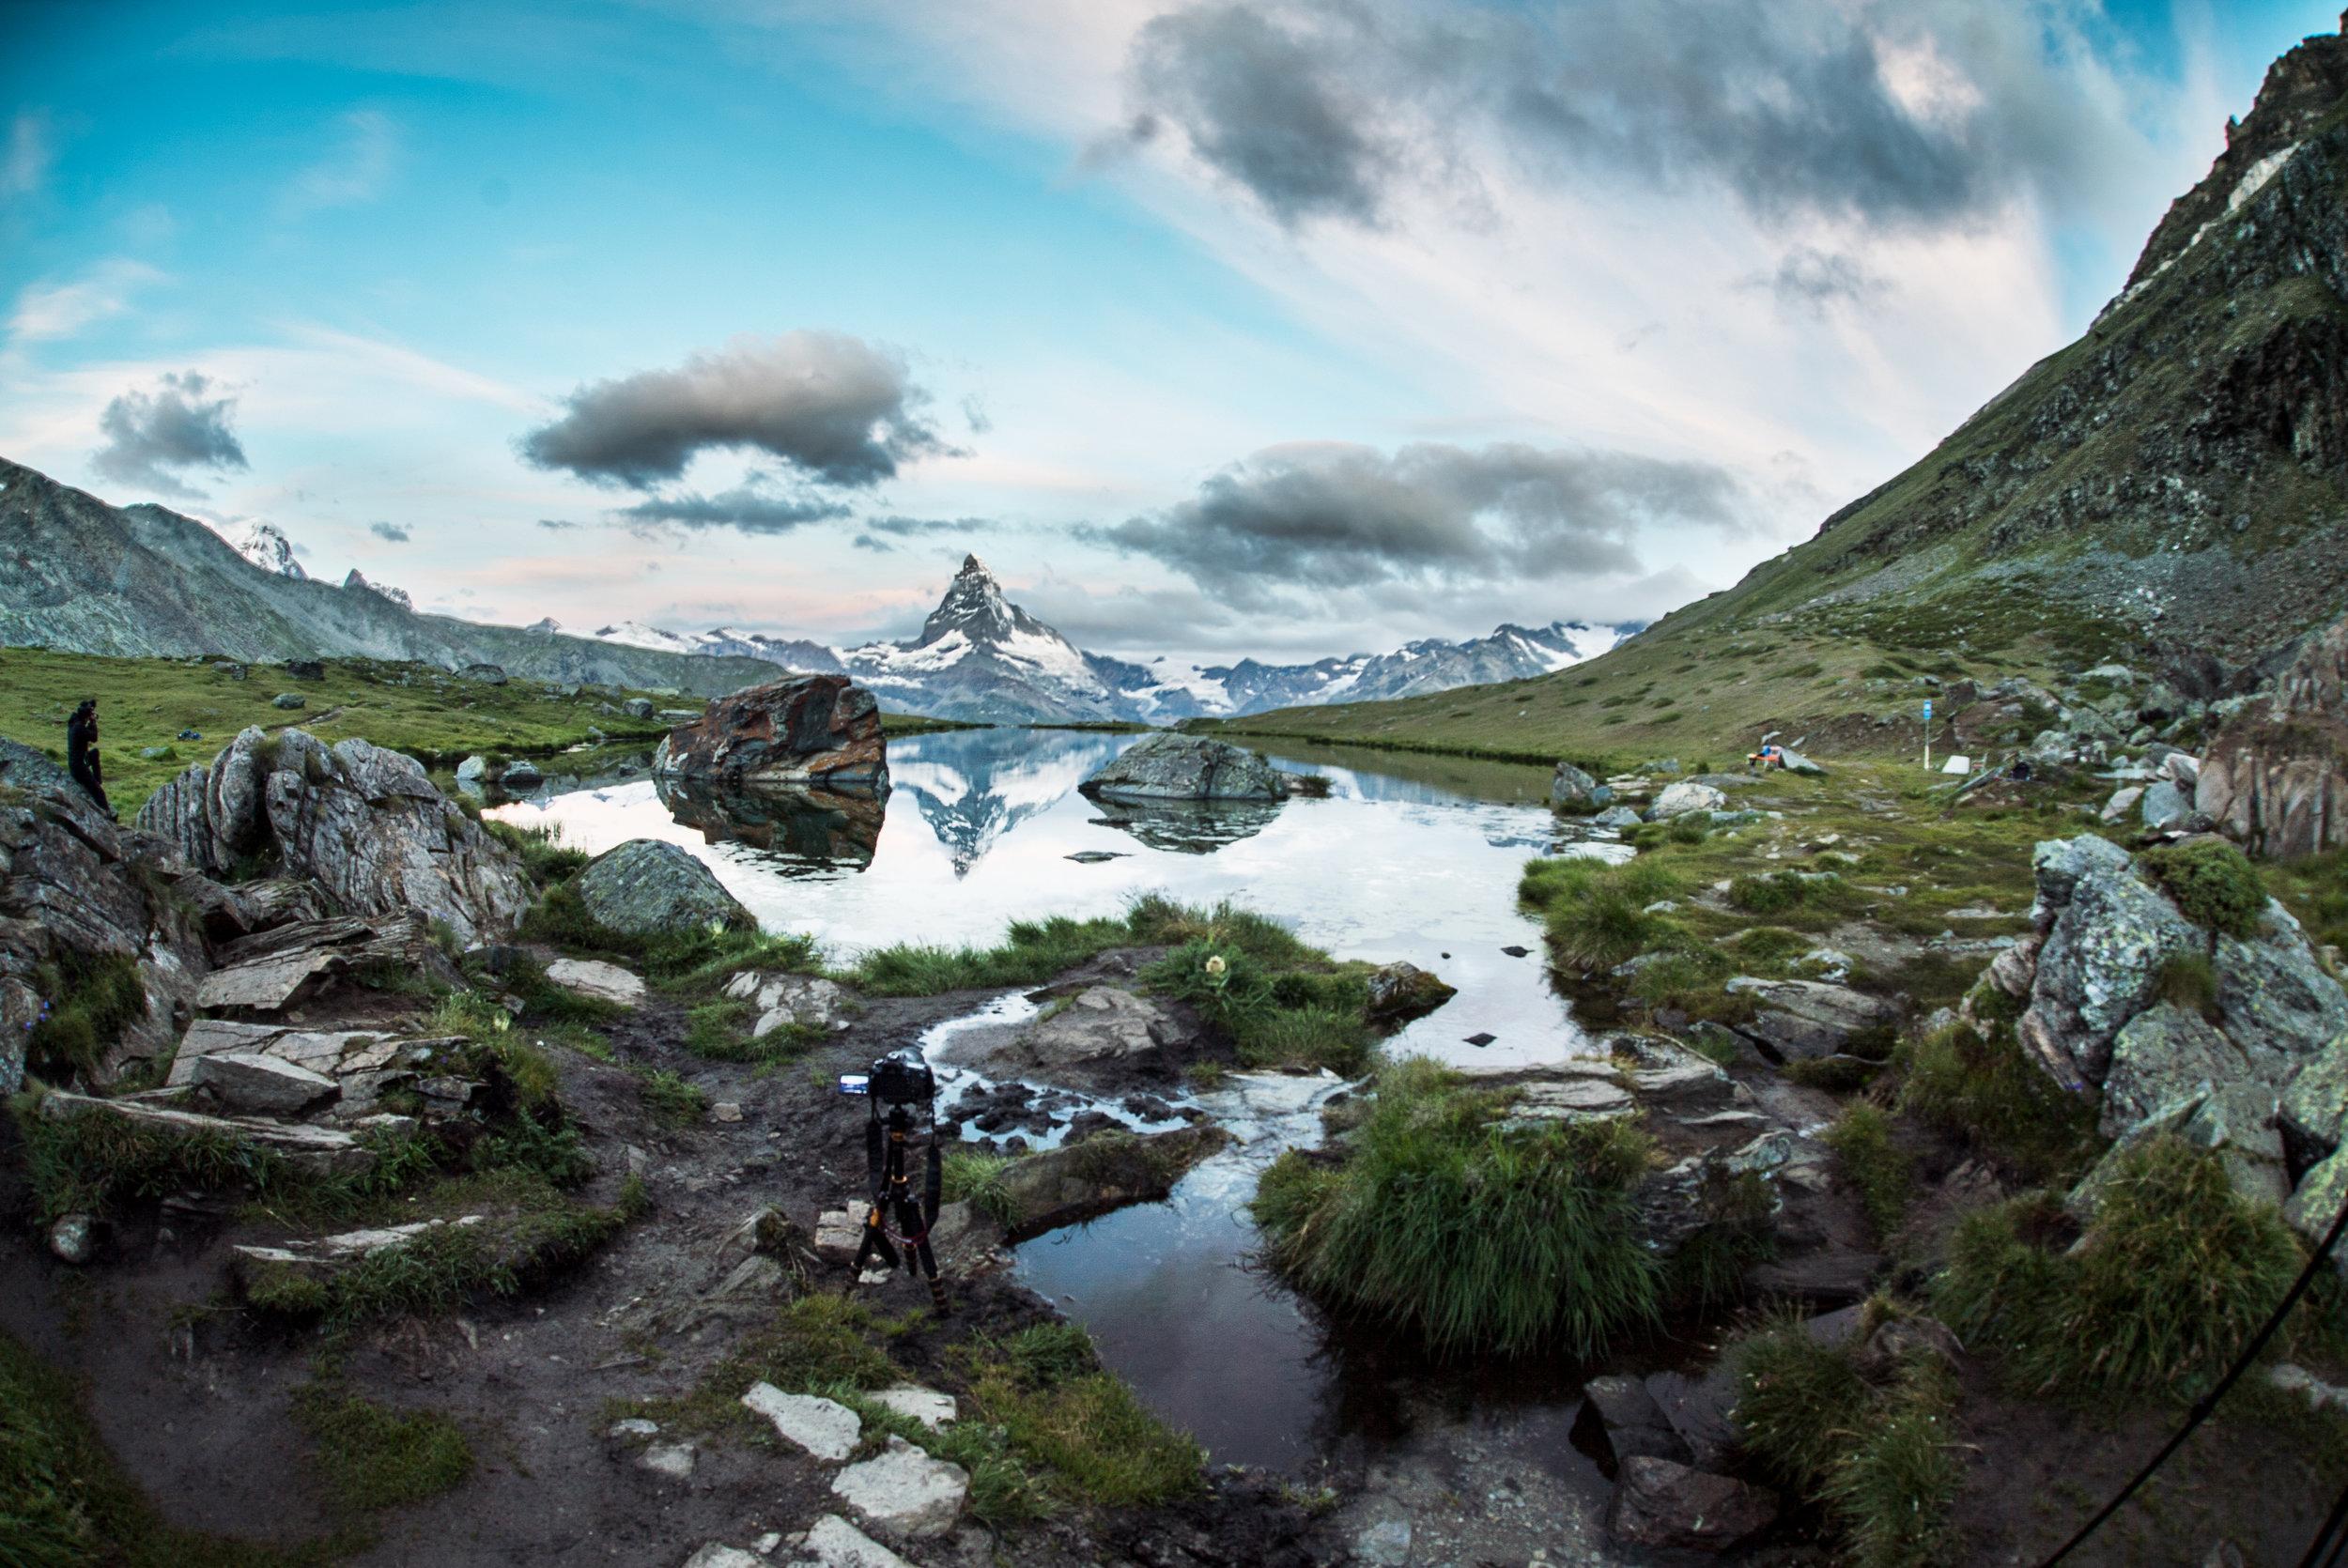 Stellisee (Zermatt) – 7 AM